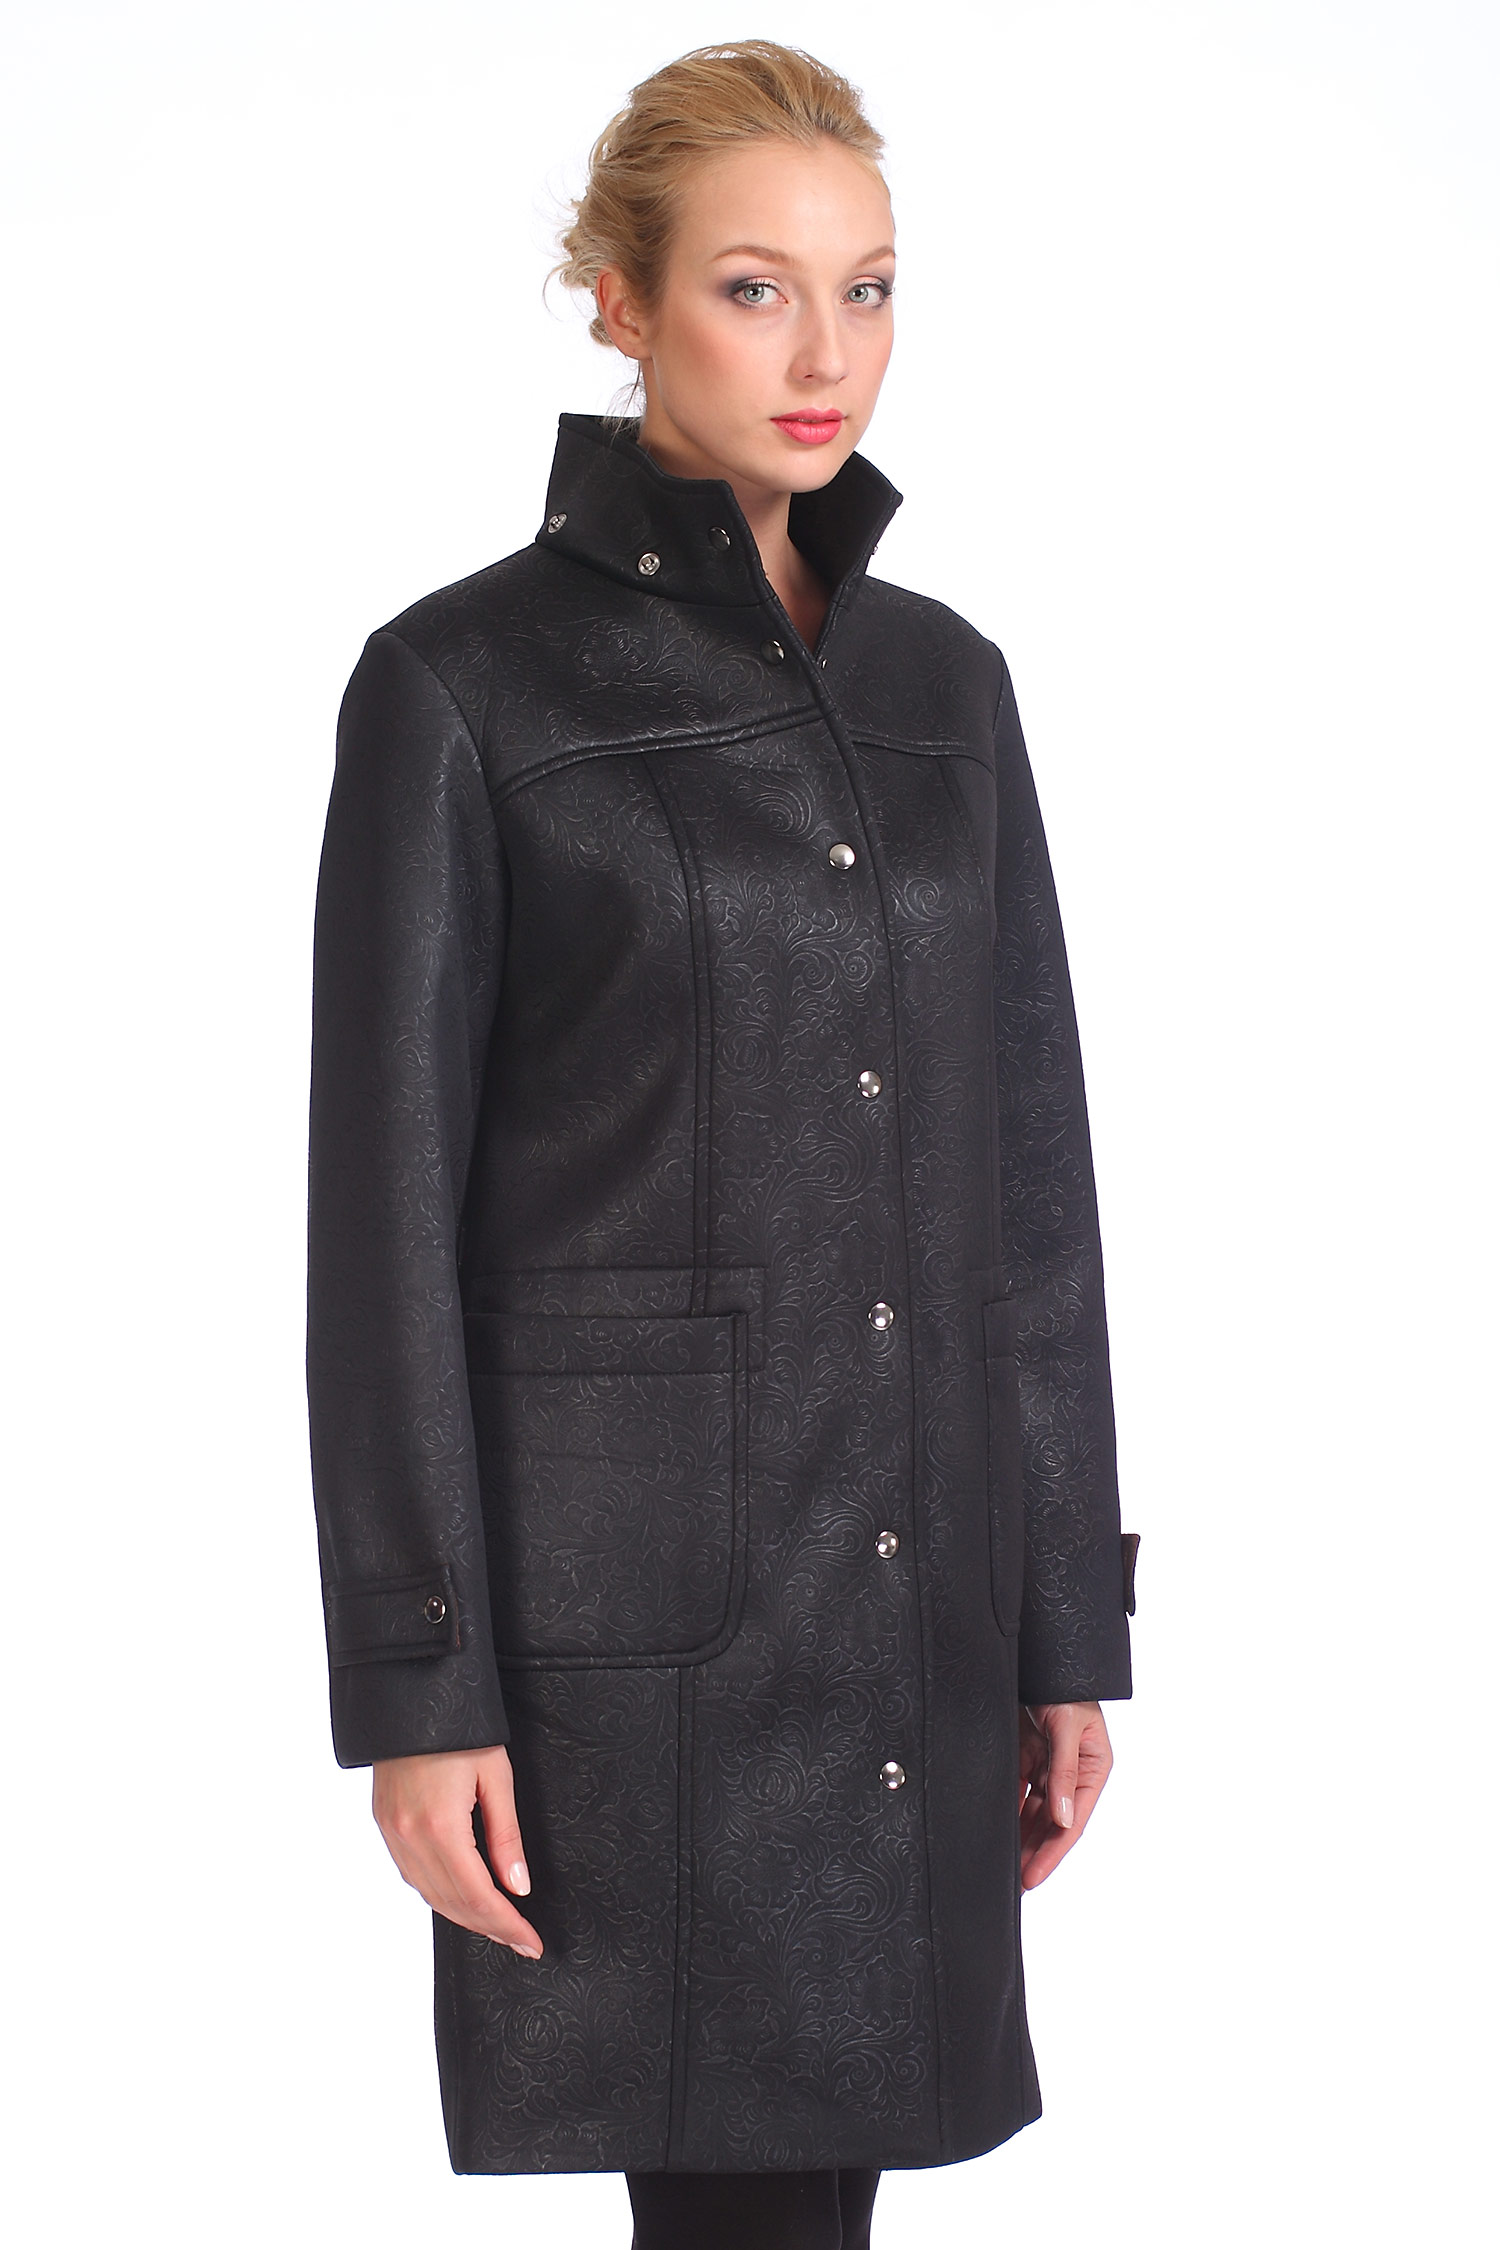 Женское пальто с капюшоном, без отделкиПальто от Московской меховой компании выполнено из текстиля черного цвета.<br><br>Модель прямого силуэта с застежкой на кнопки.<br><br>Детали: съемный капюшон; боковые карманы без застежки; подкладка из полиэстера.<br><br>Материал: 76% полиэстер 24% полиуретан<br>Воротник: Стойка/ капюшон<br>Цвет: Черный<br>Длина см: 95<br>Наполнитель: Без наполнителя<br>Пол: Женский<br>Размер RU: 48/170